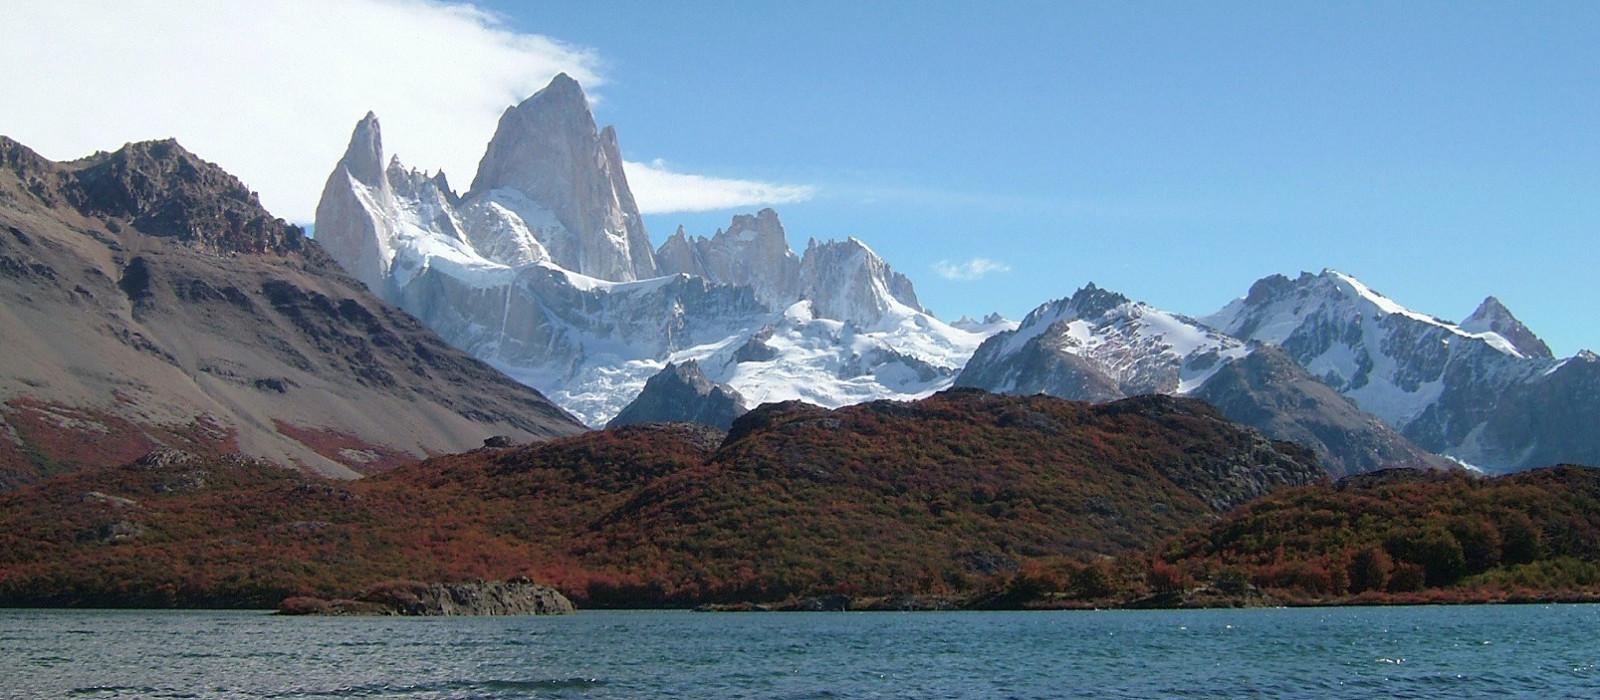 Hotel Refugio Laguna Condor Argentinien